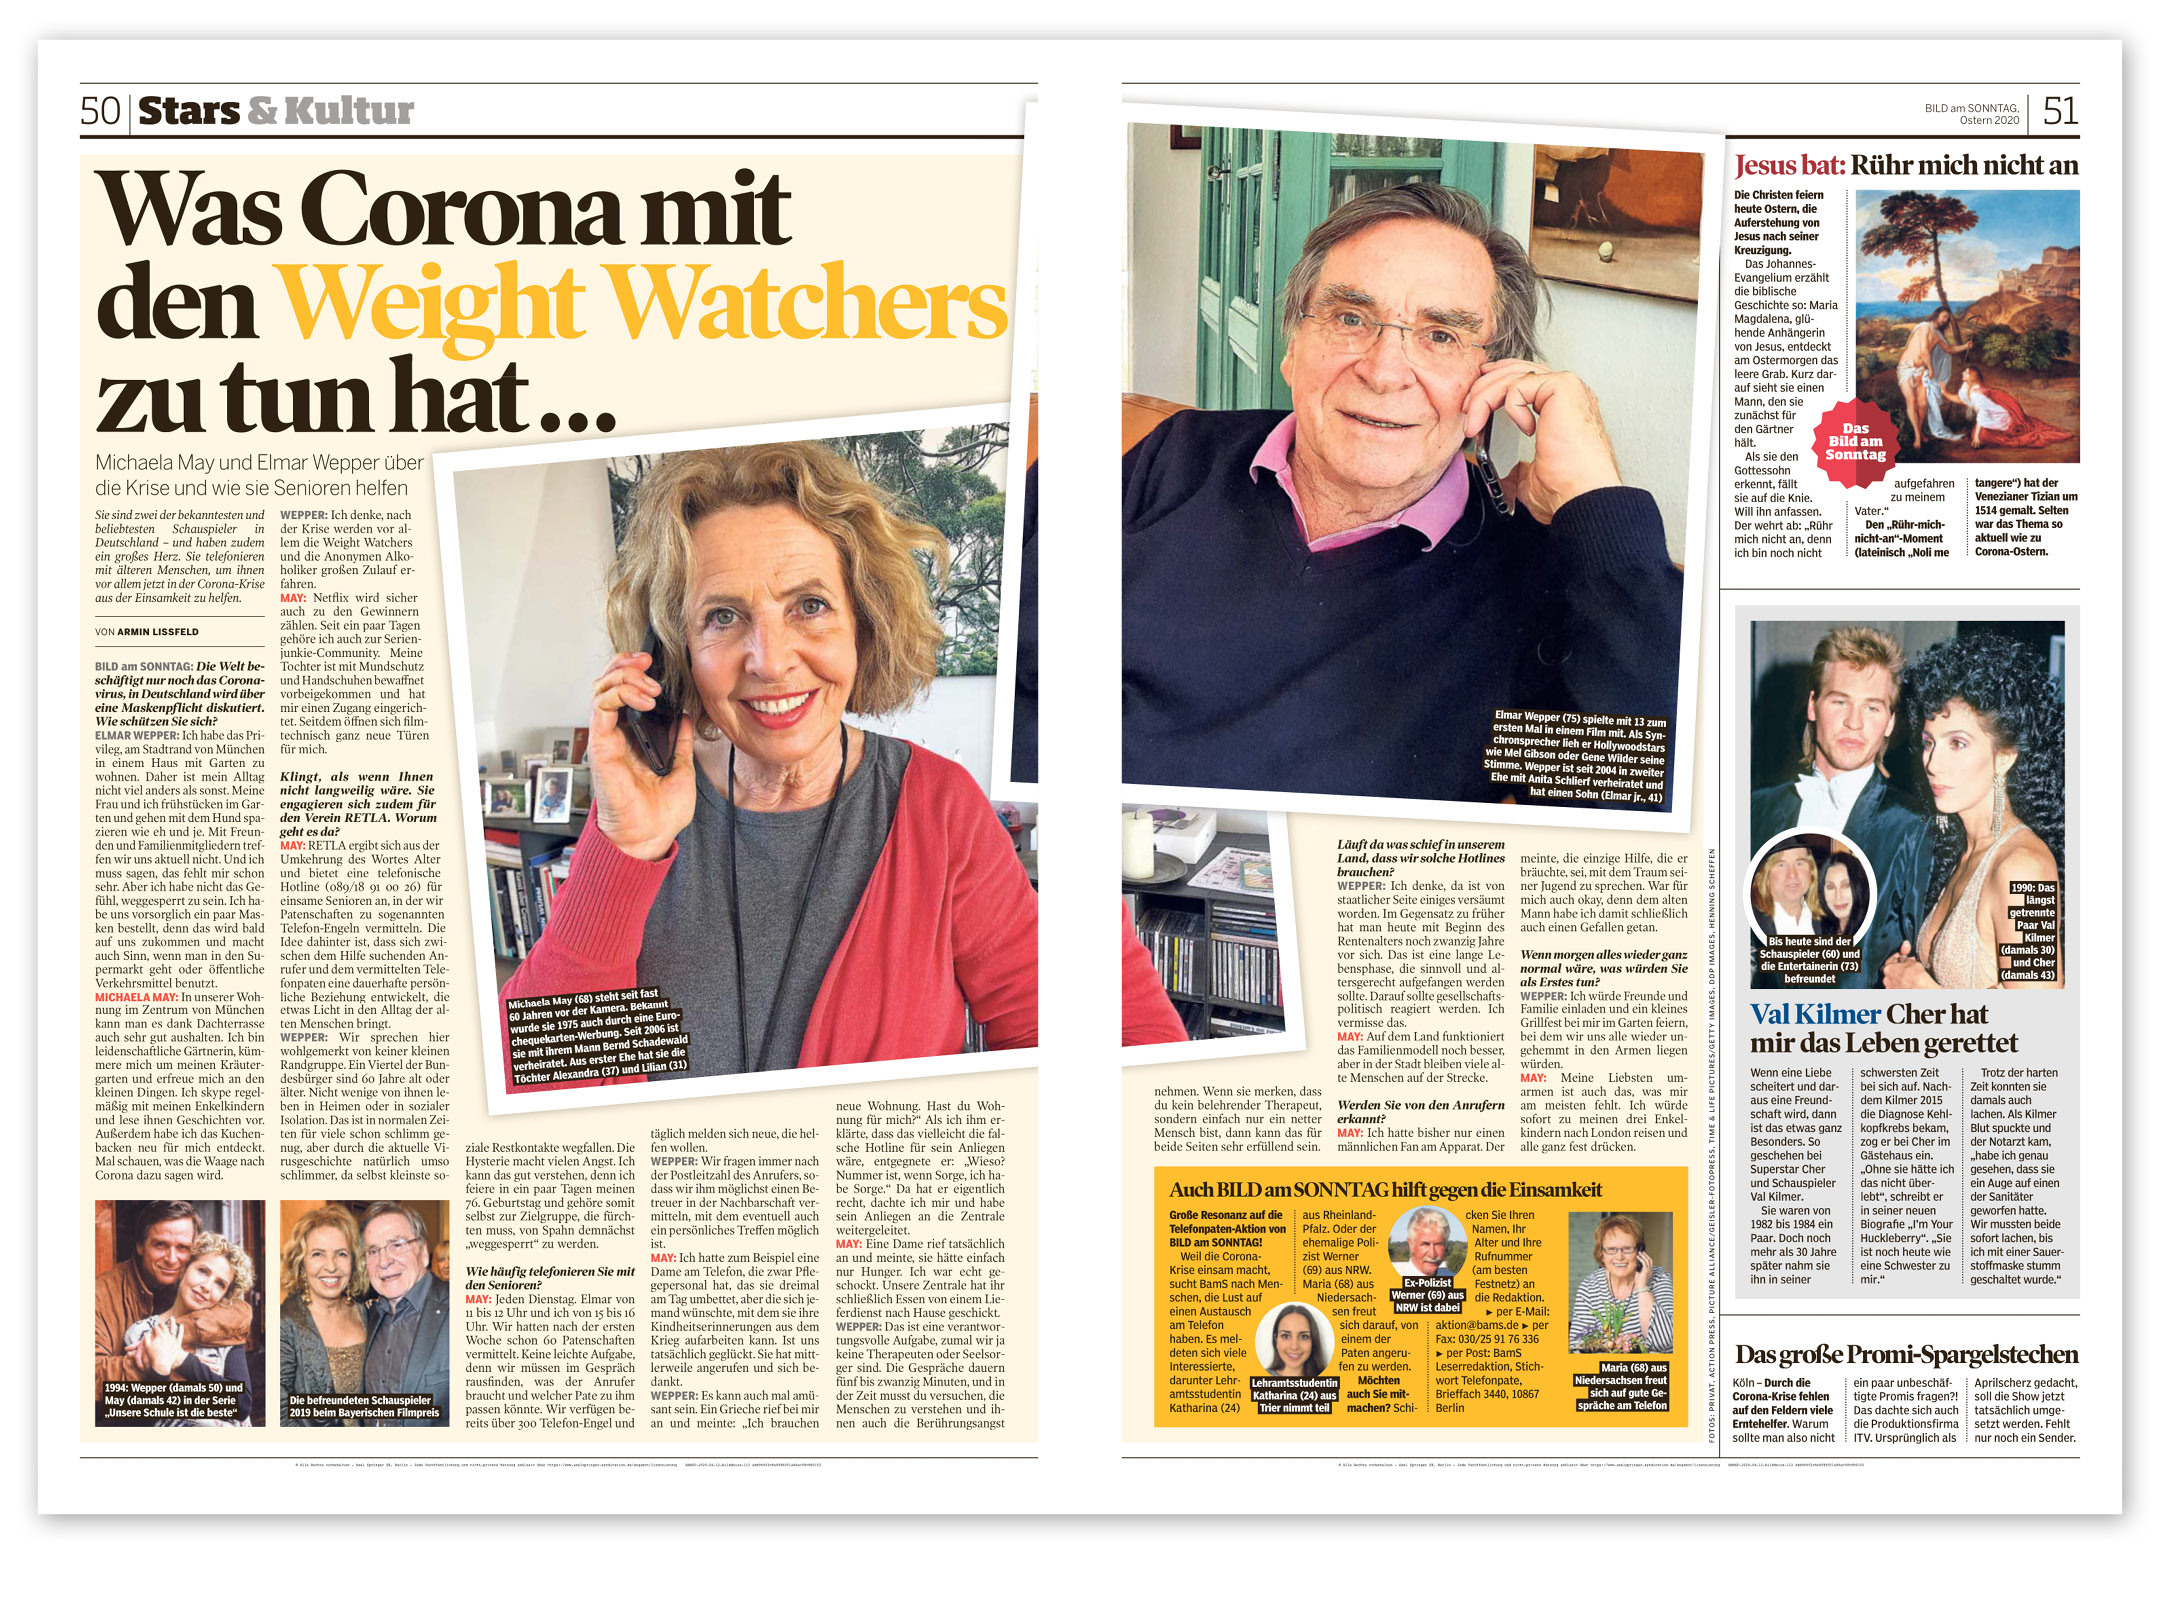 Referenzen_Bild_am_Sonntag_12_04_2020